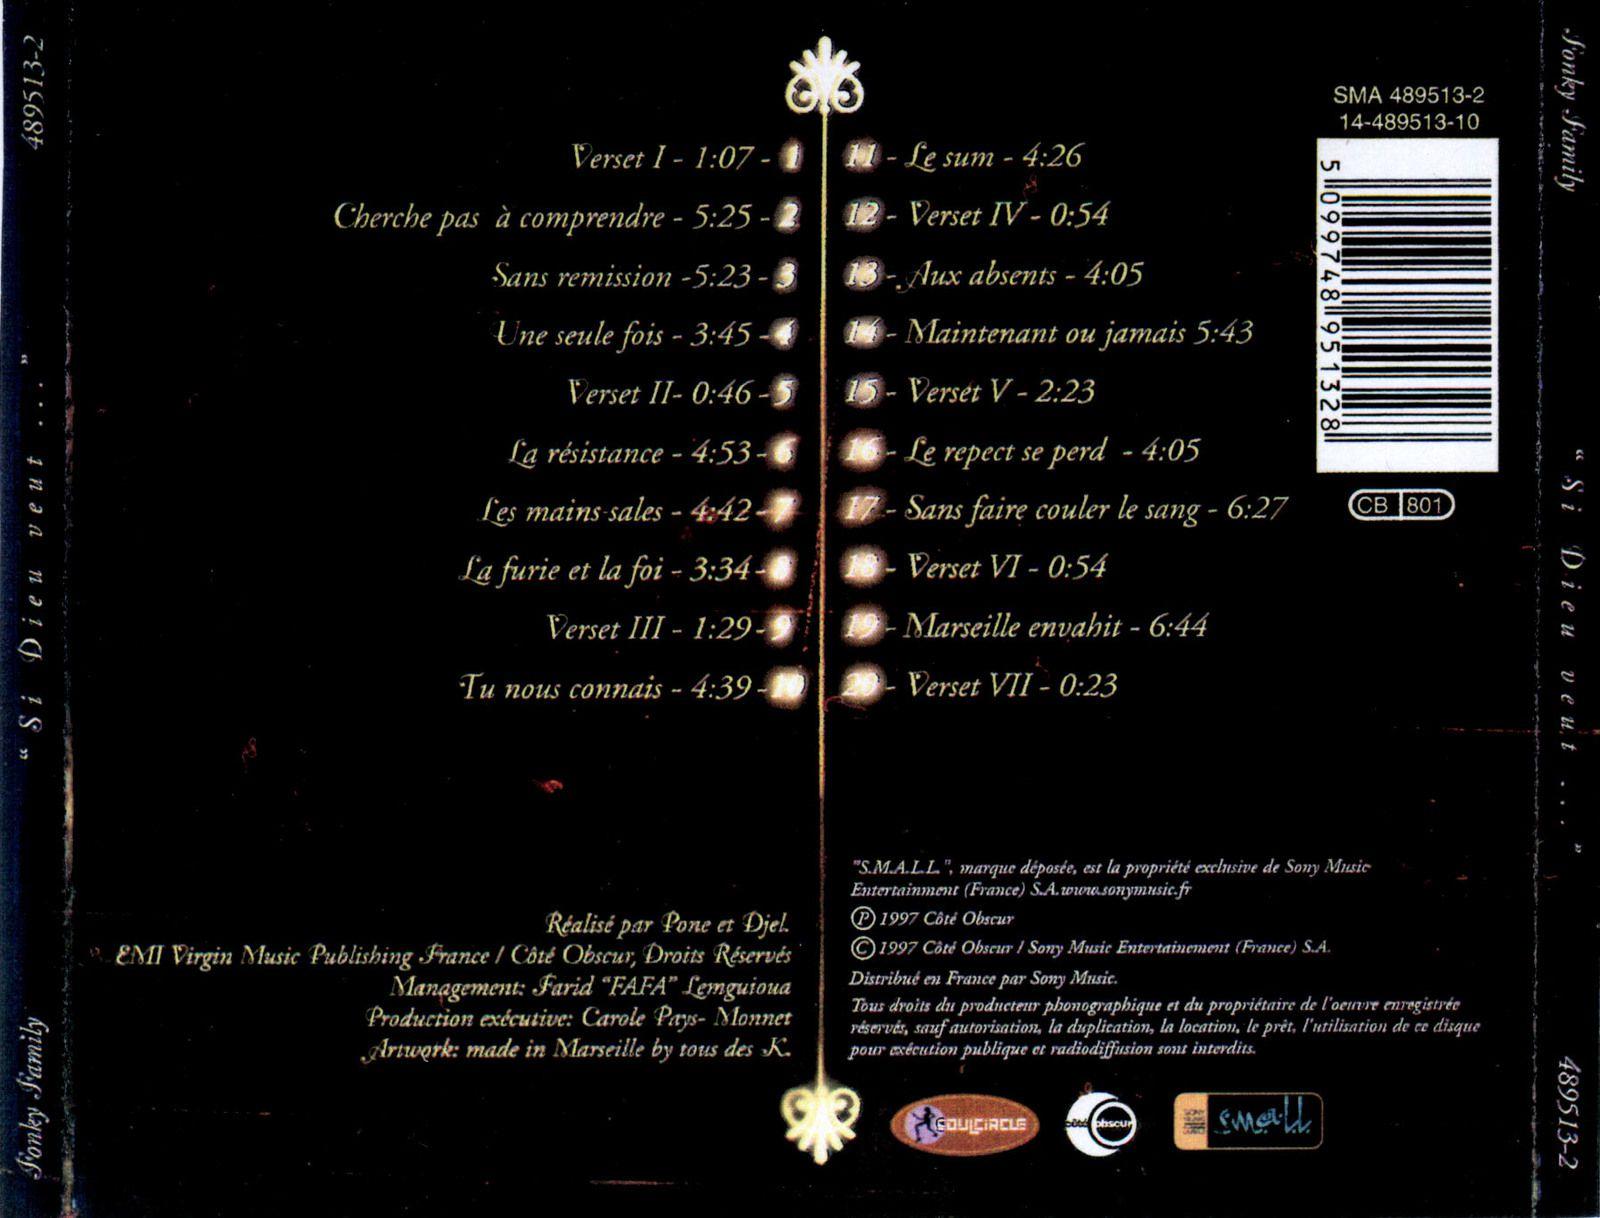 Fonky Family - Si Dieu veut... (Inch Allah) - cover back (1997) - le rap c'était mieux avant